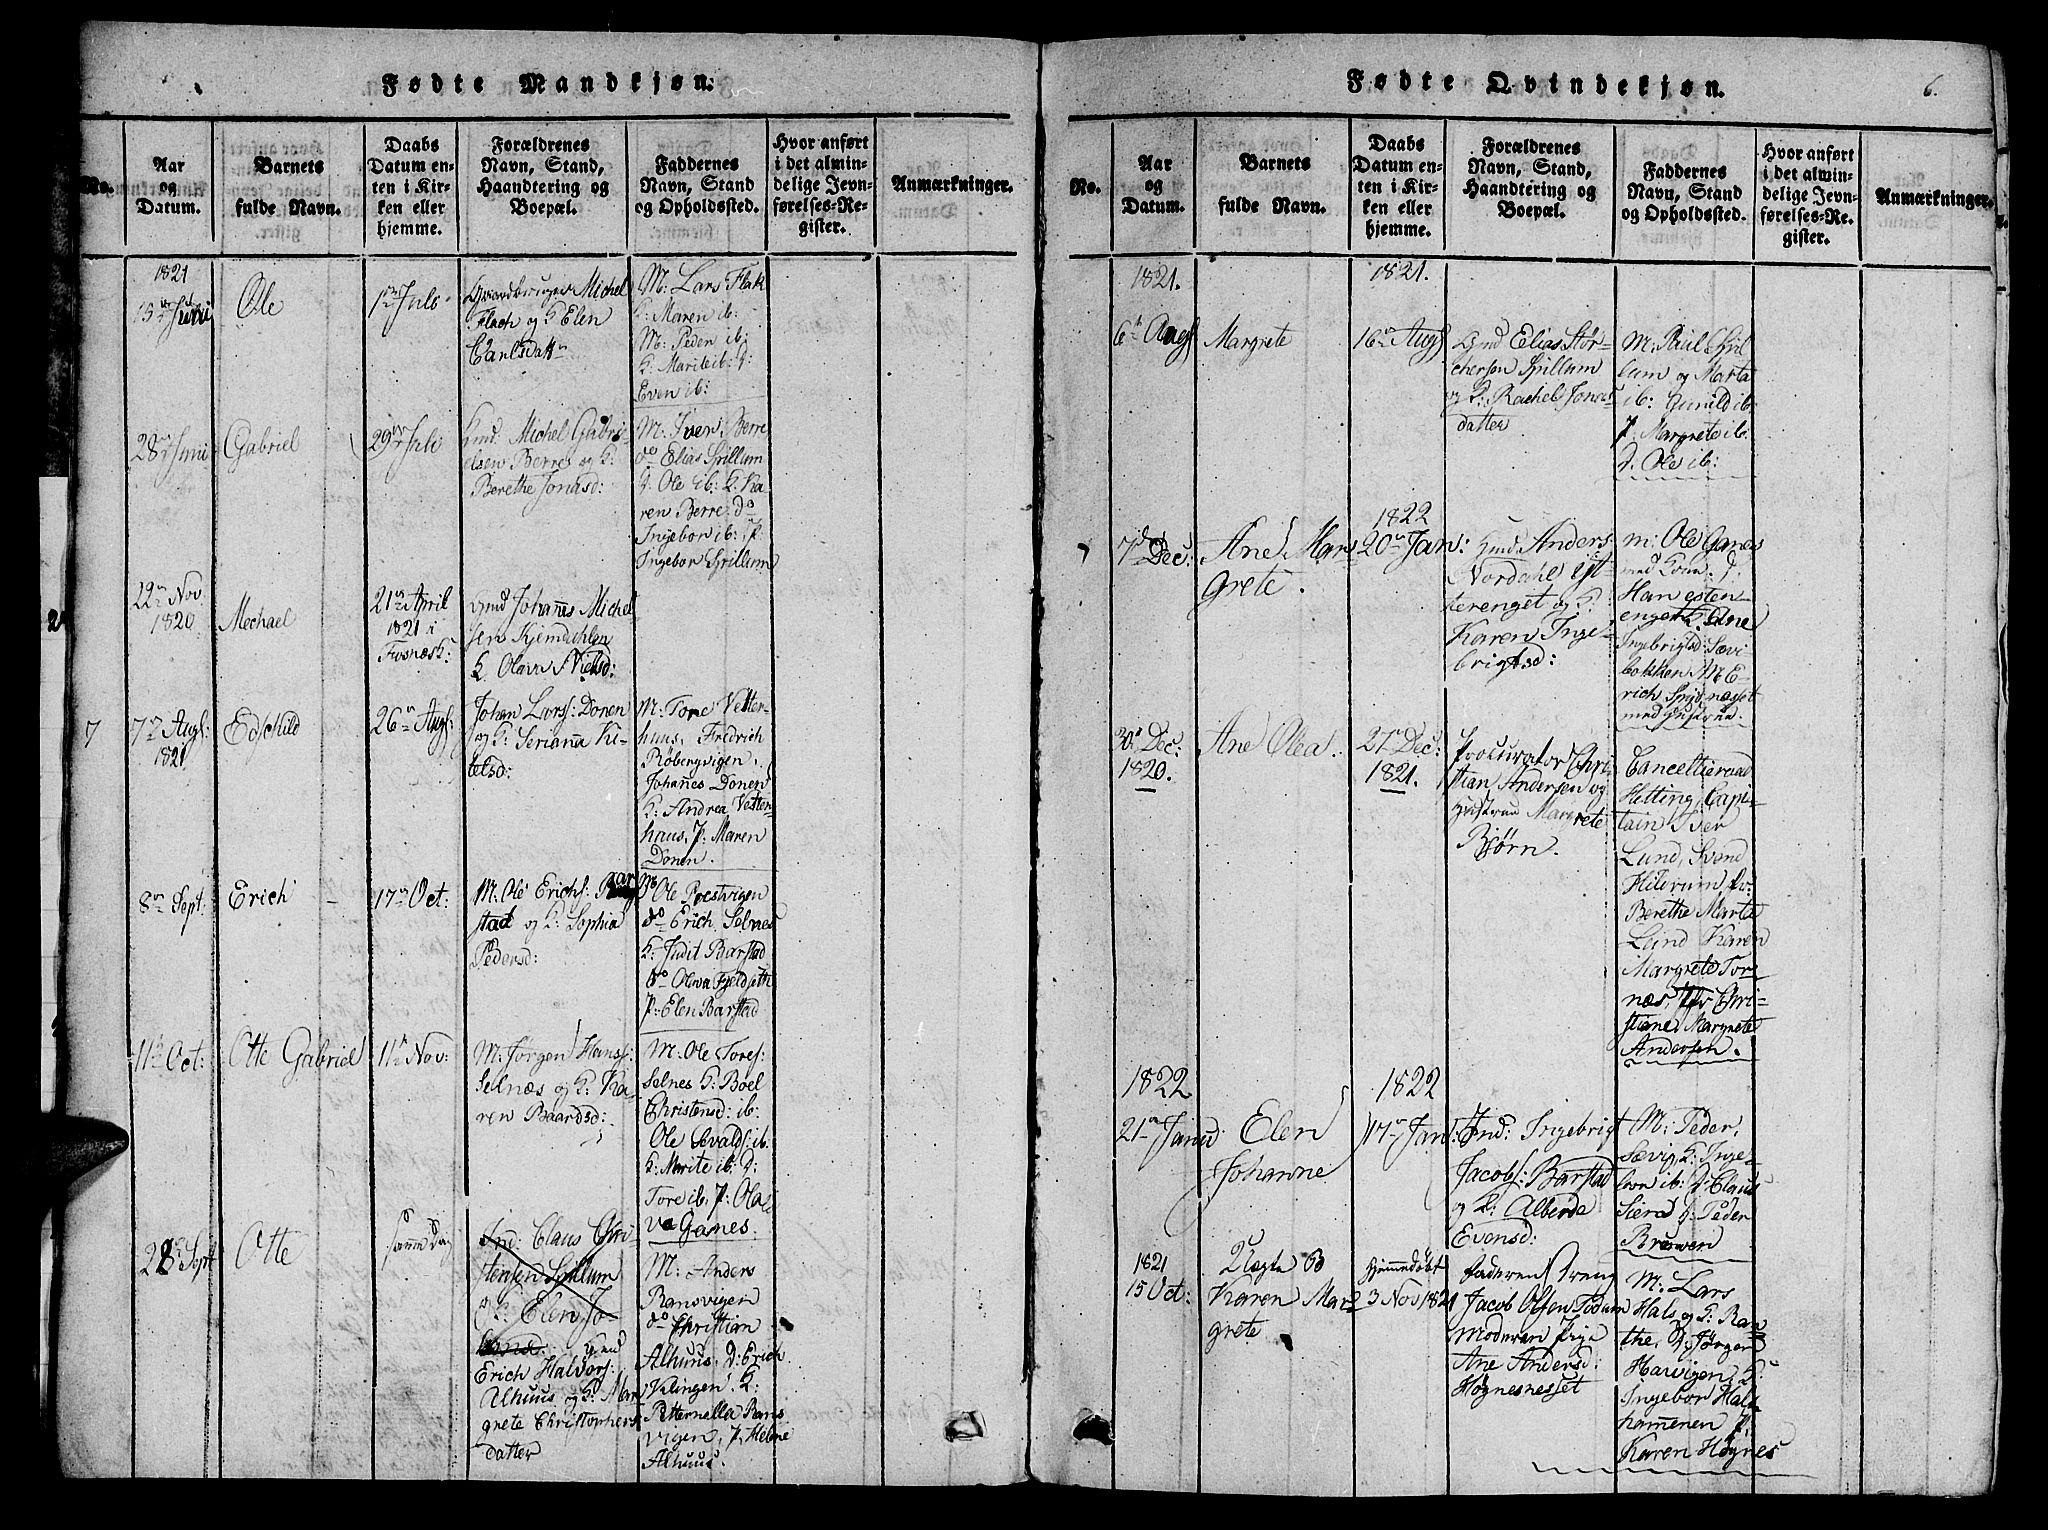 SAT, Ministerialprotokoller, klokkerbøker og fødselsregistre - Nord-Trøndelag, 770/L0588: Ministerialbok nr. 770A02, 1819-1823, s. 6